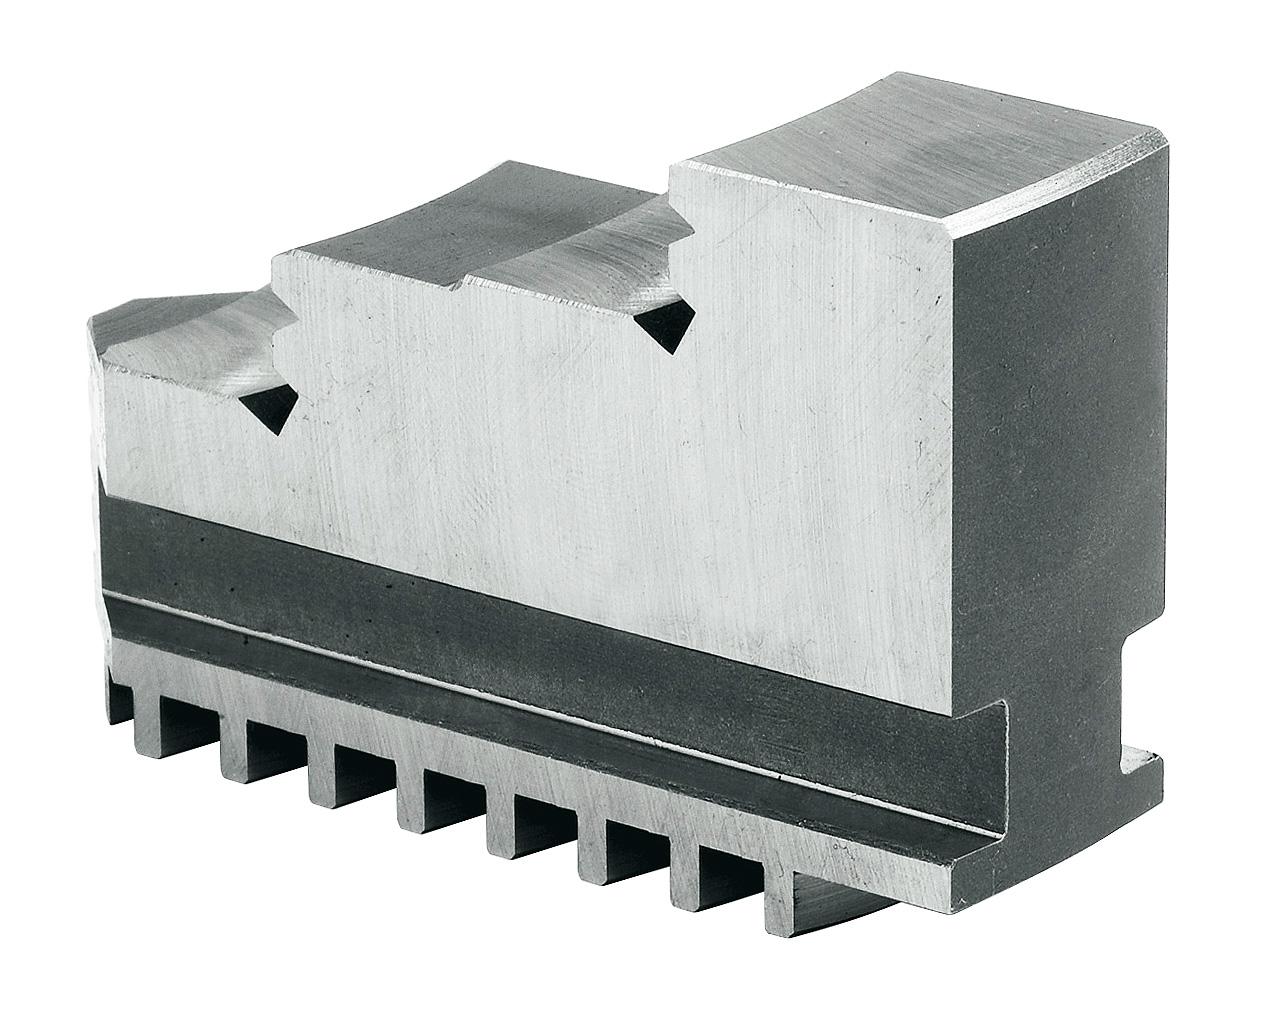 Szczęki jednolite twarde wewnętrzne - komplet IJ-PS3-250 BERNARDO